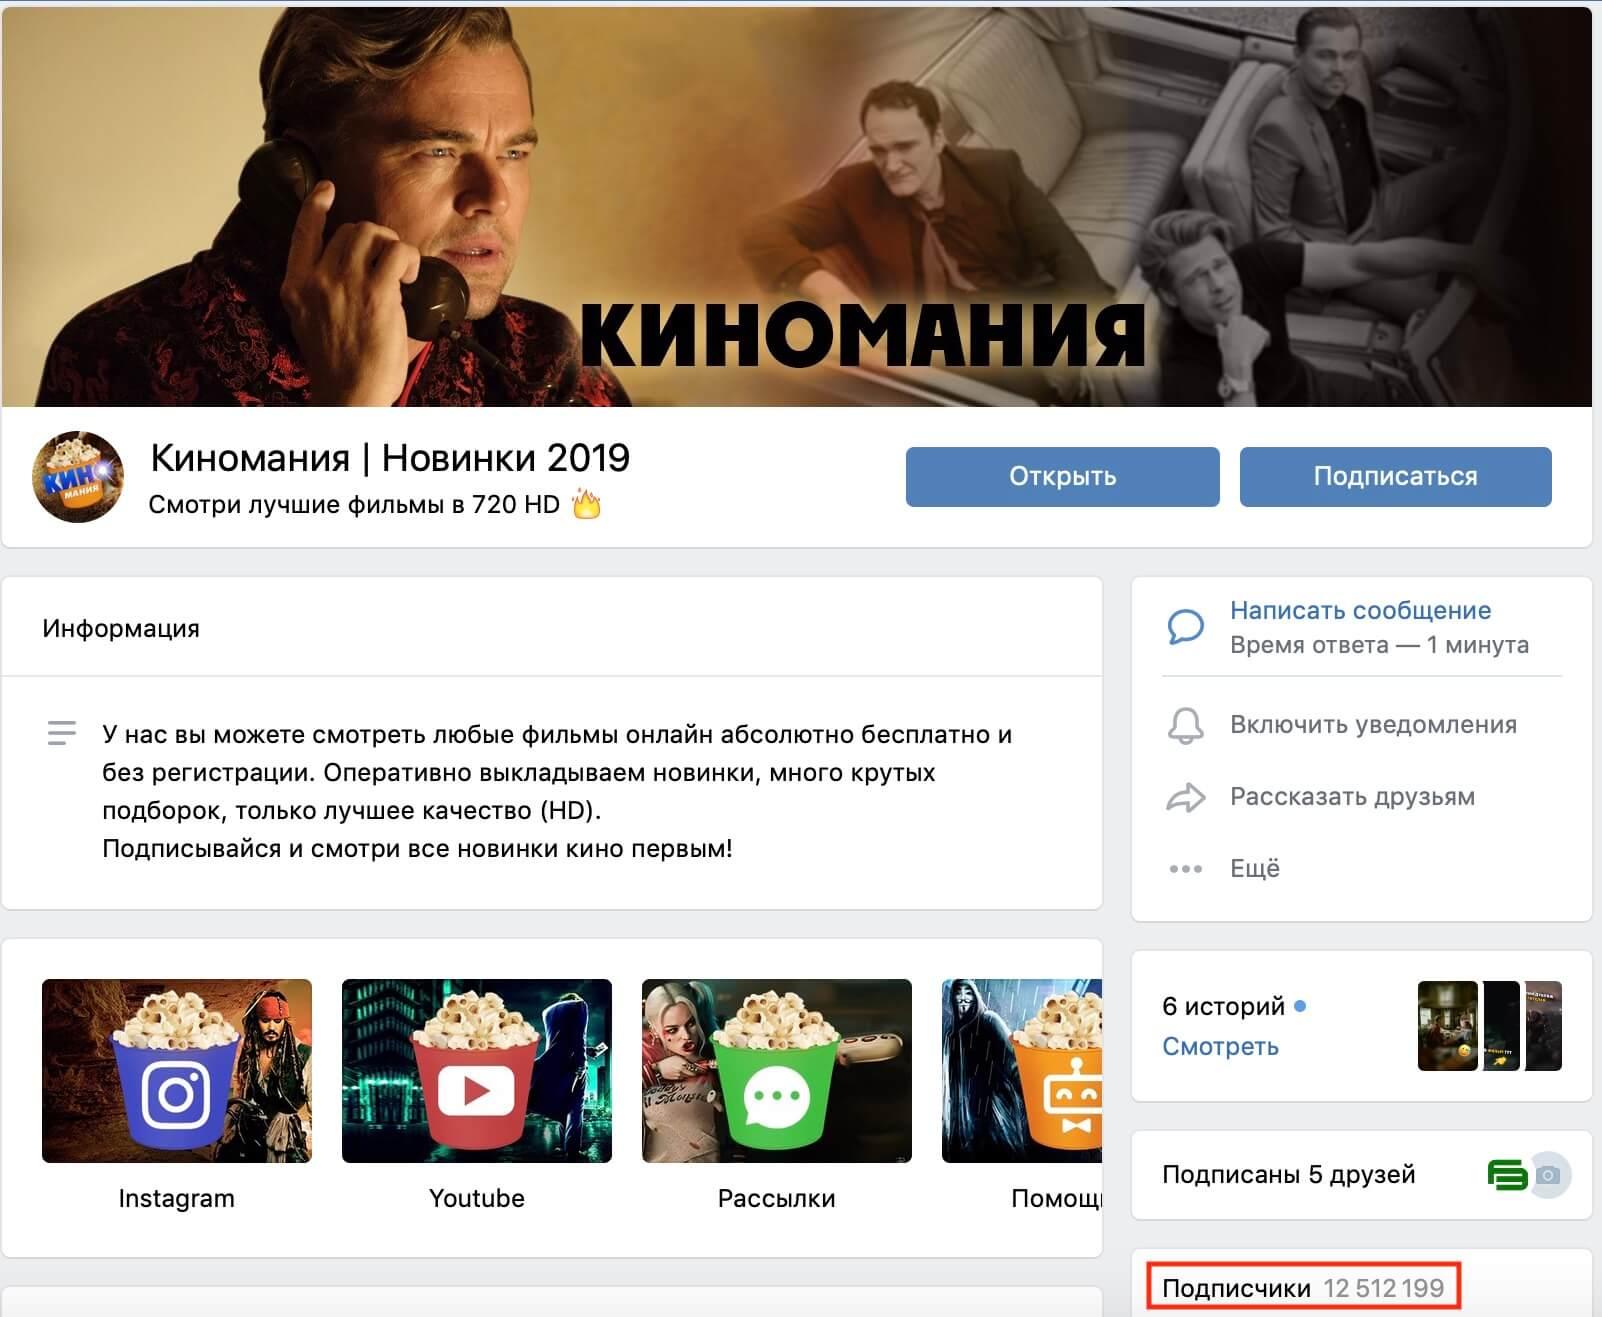 популярная группа в вконтакте